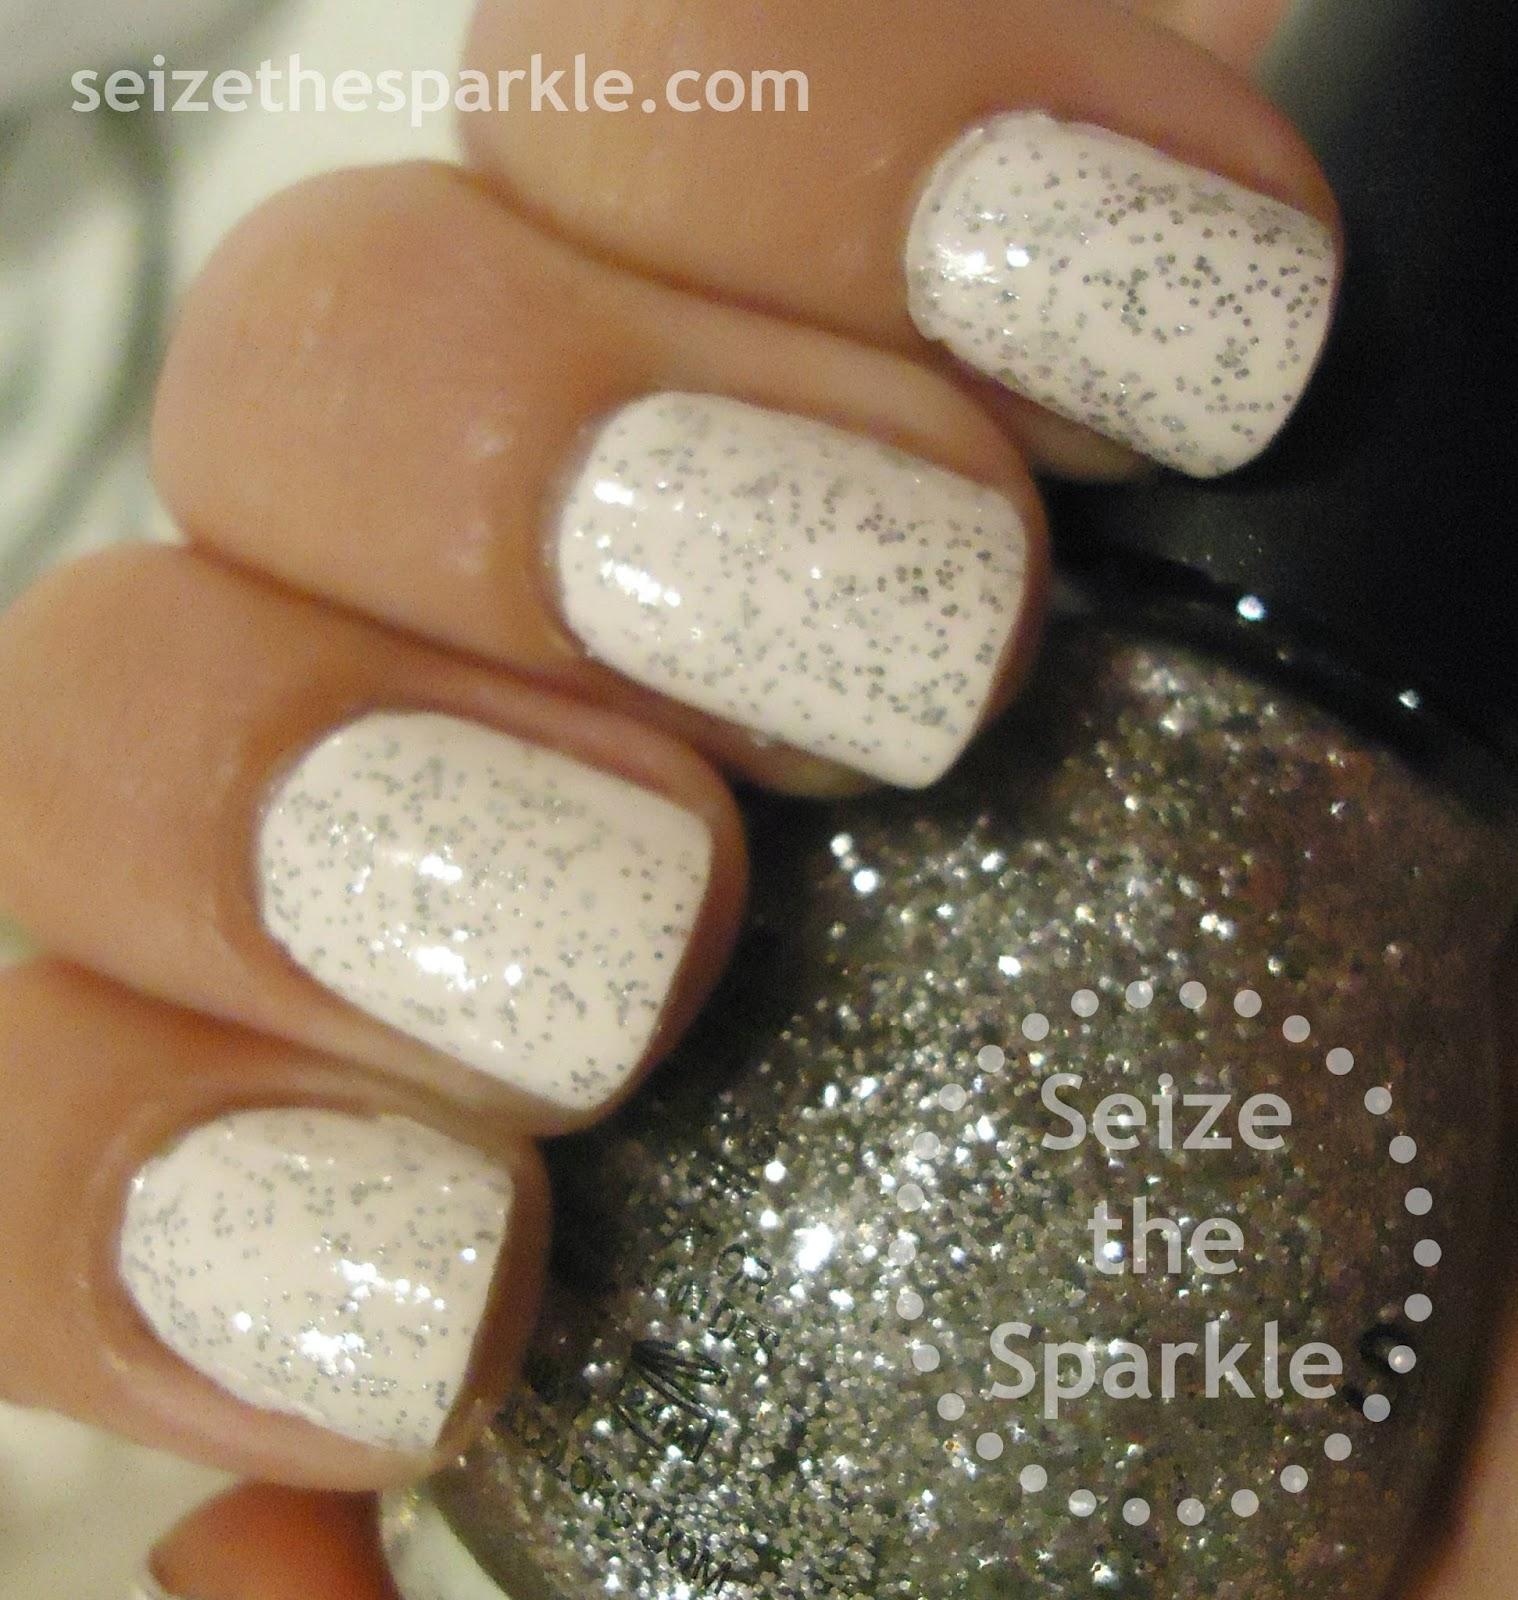 Silver Glitter over White Nails